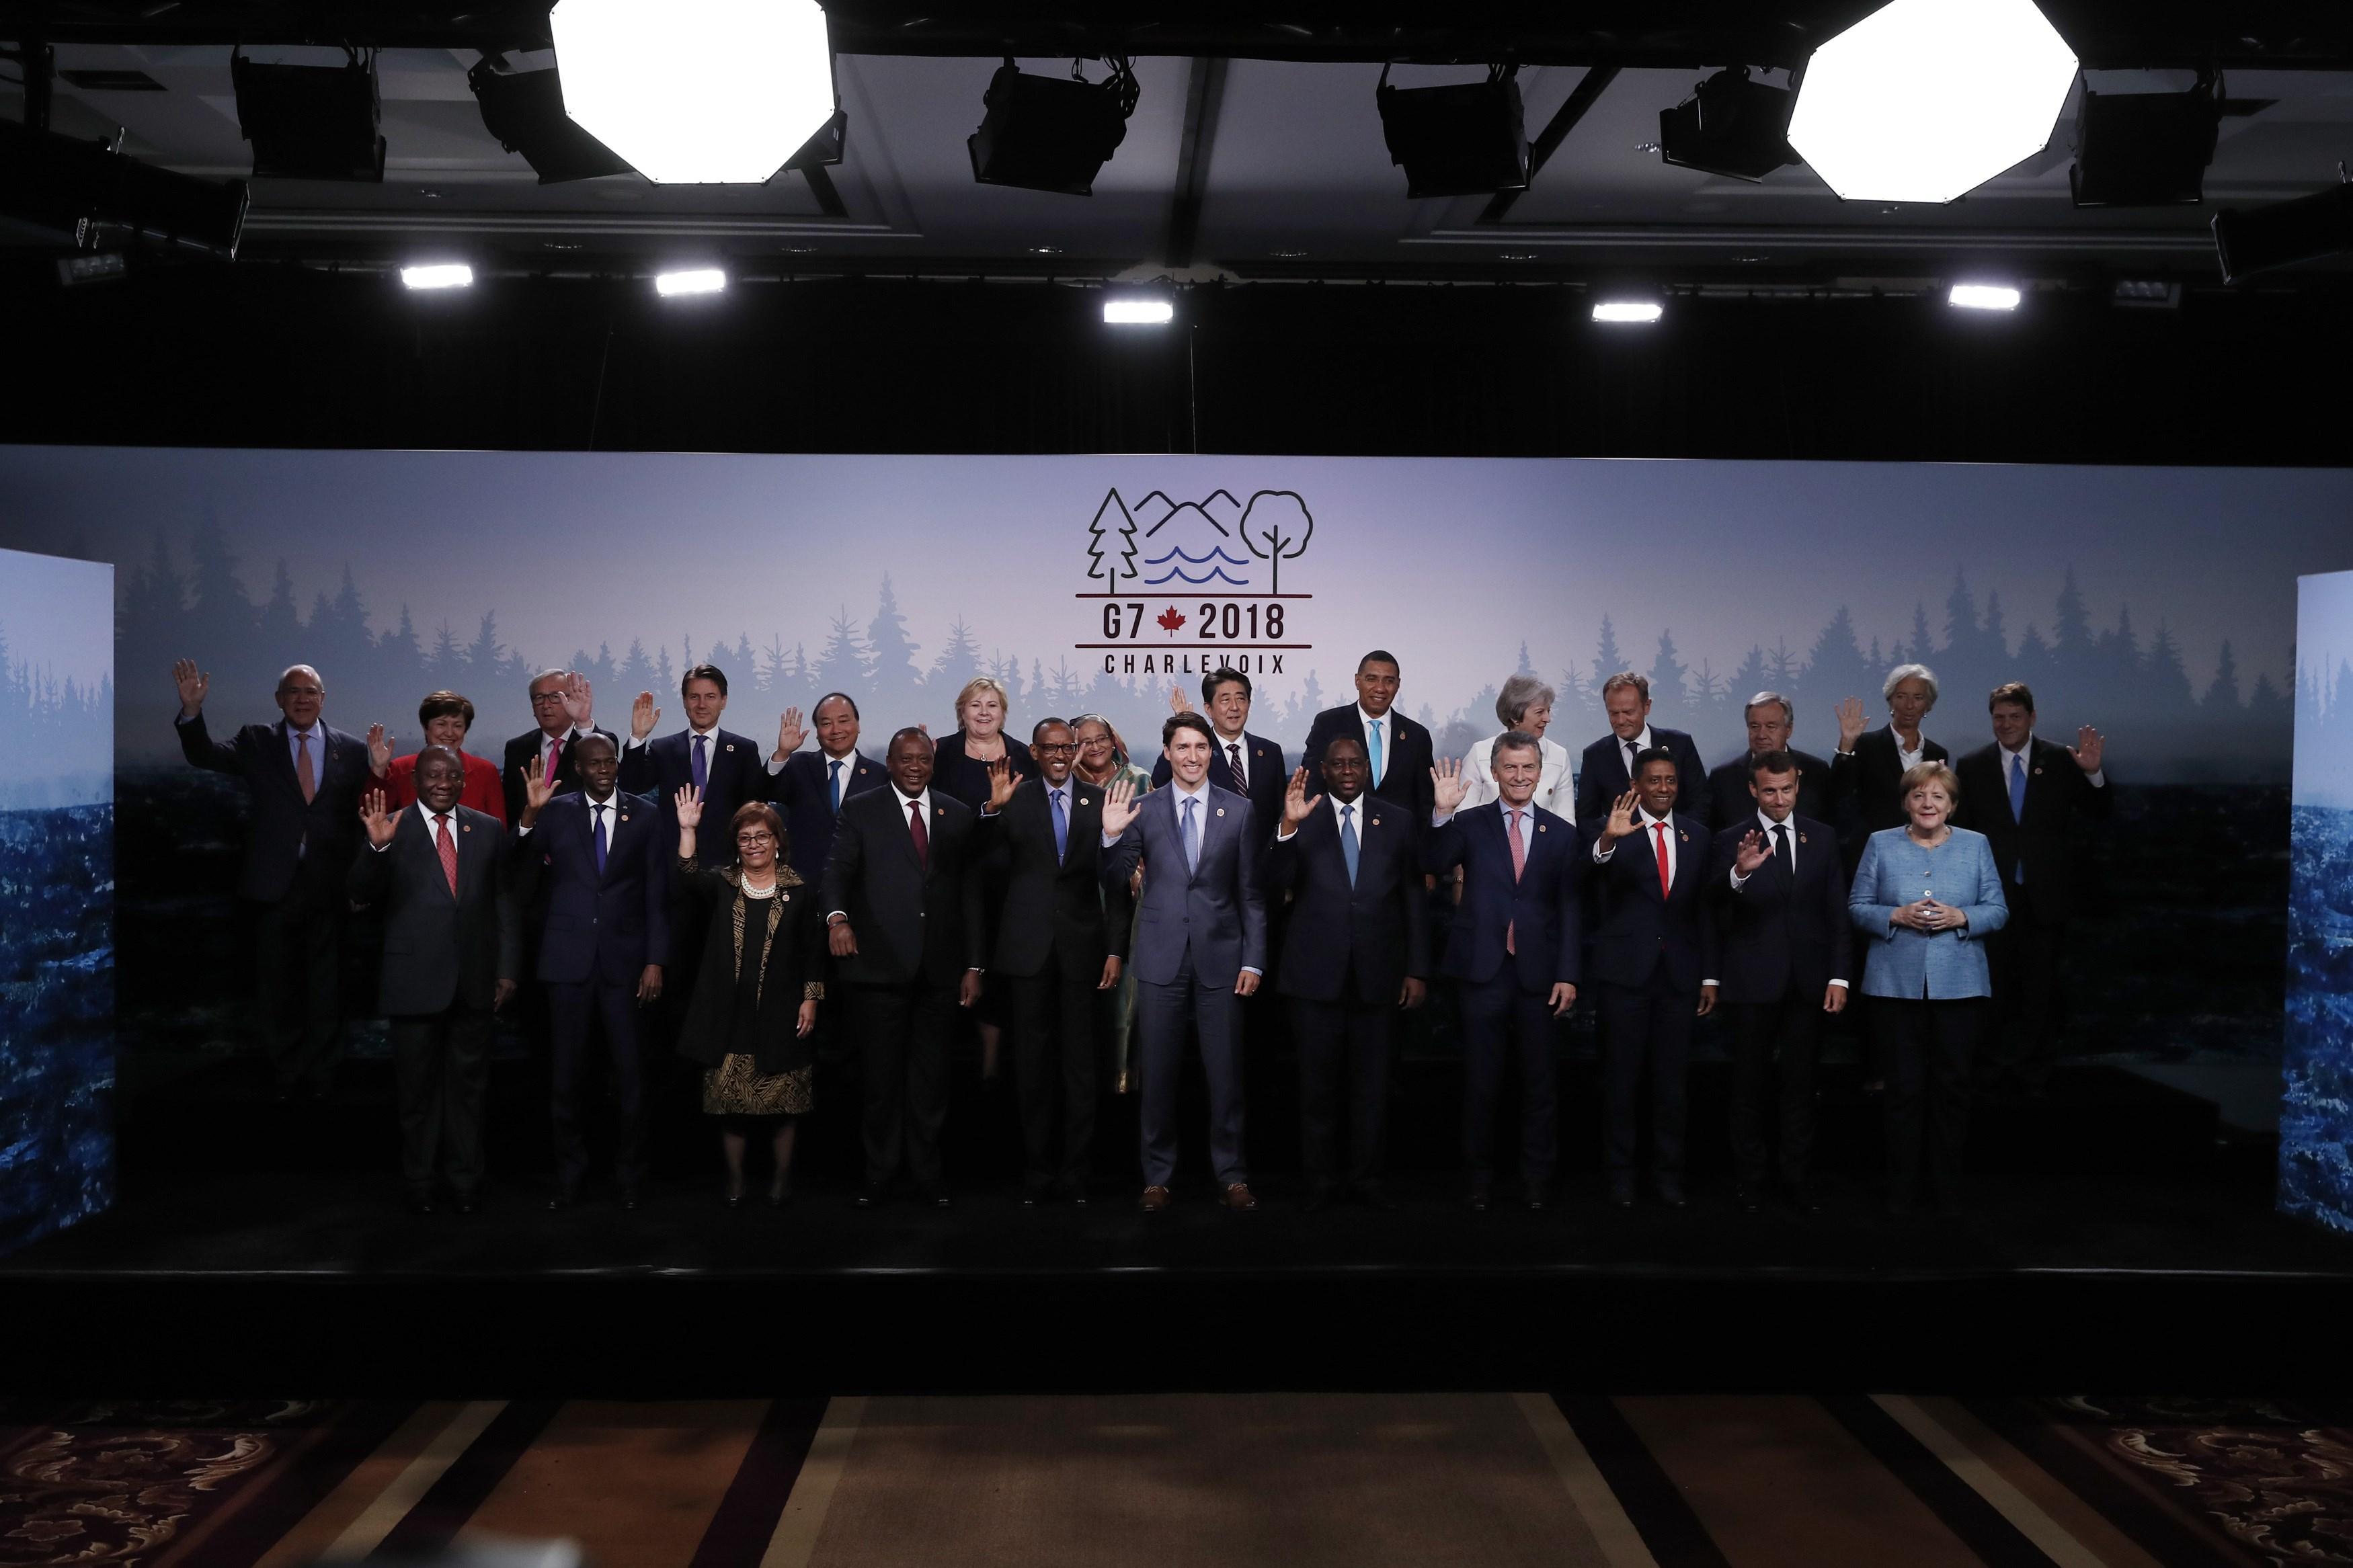 The Charlevoix G7 Summit Communique - Reuters